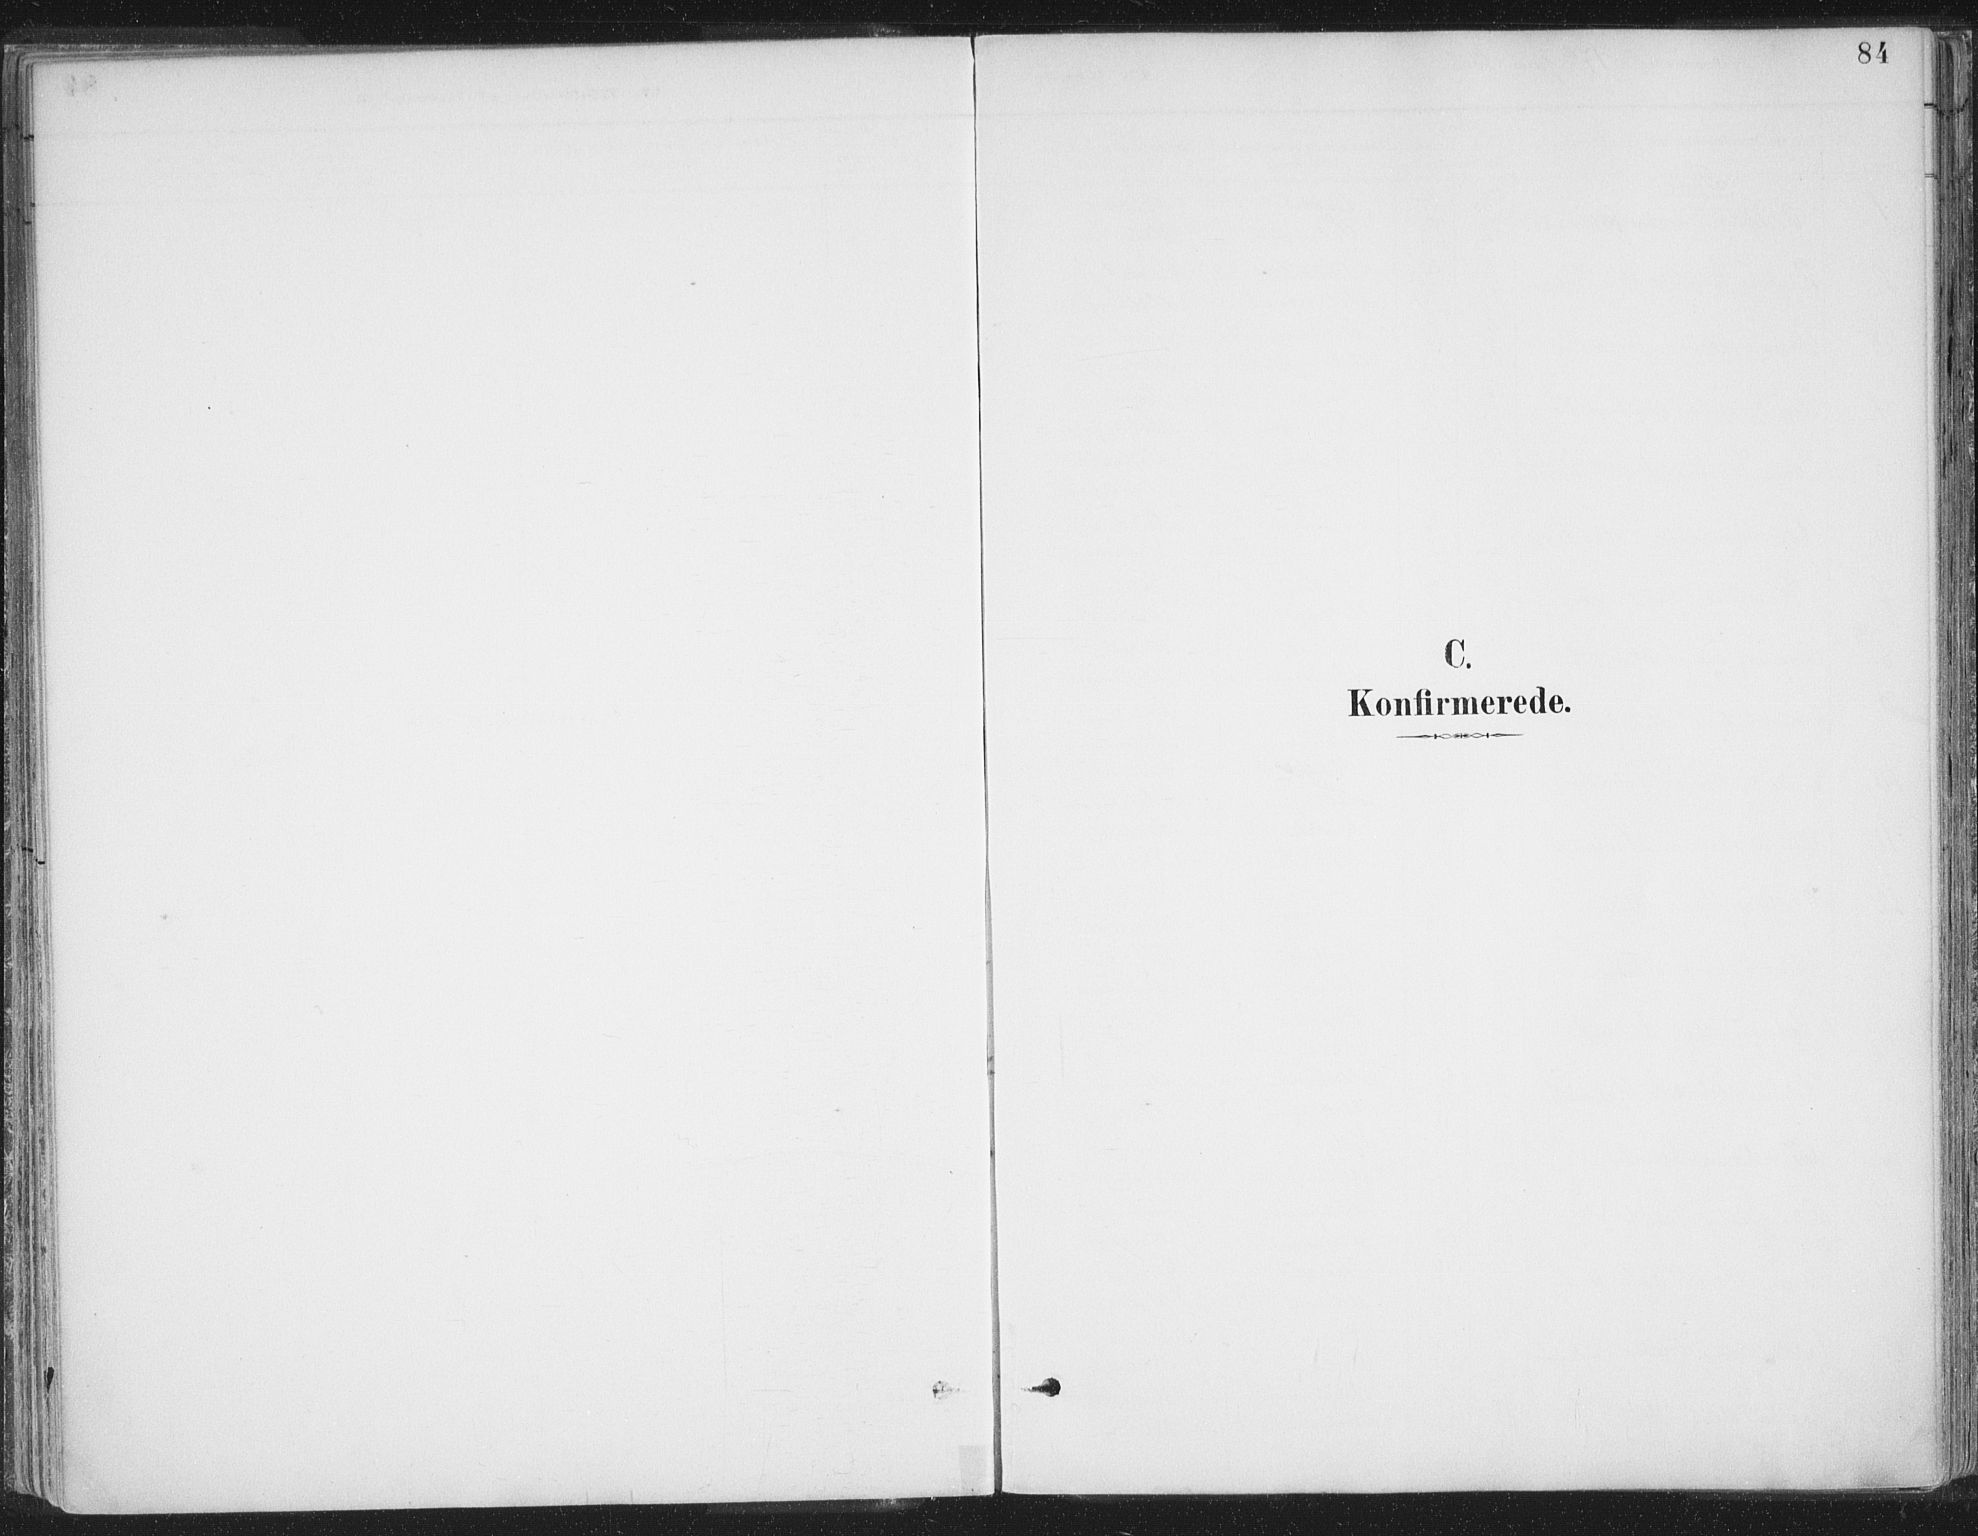 SATØ, Balsfjord sokneprestembete, Ministerialbok nr. 7, 1887-1909, s. 84